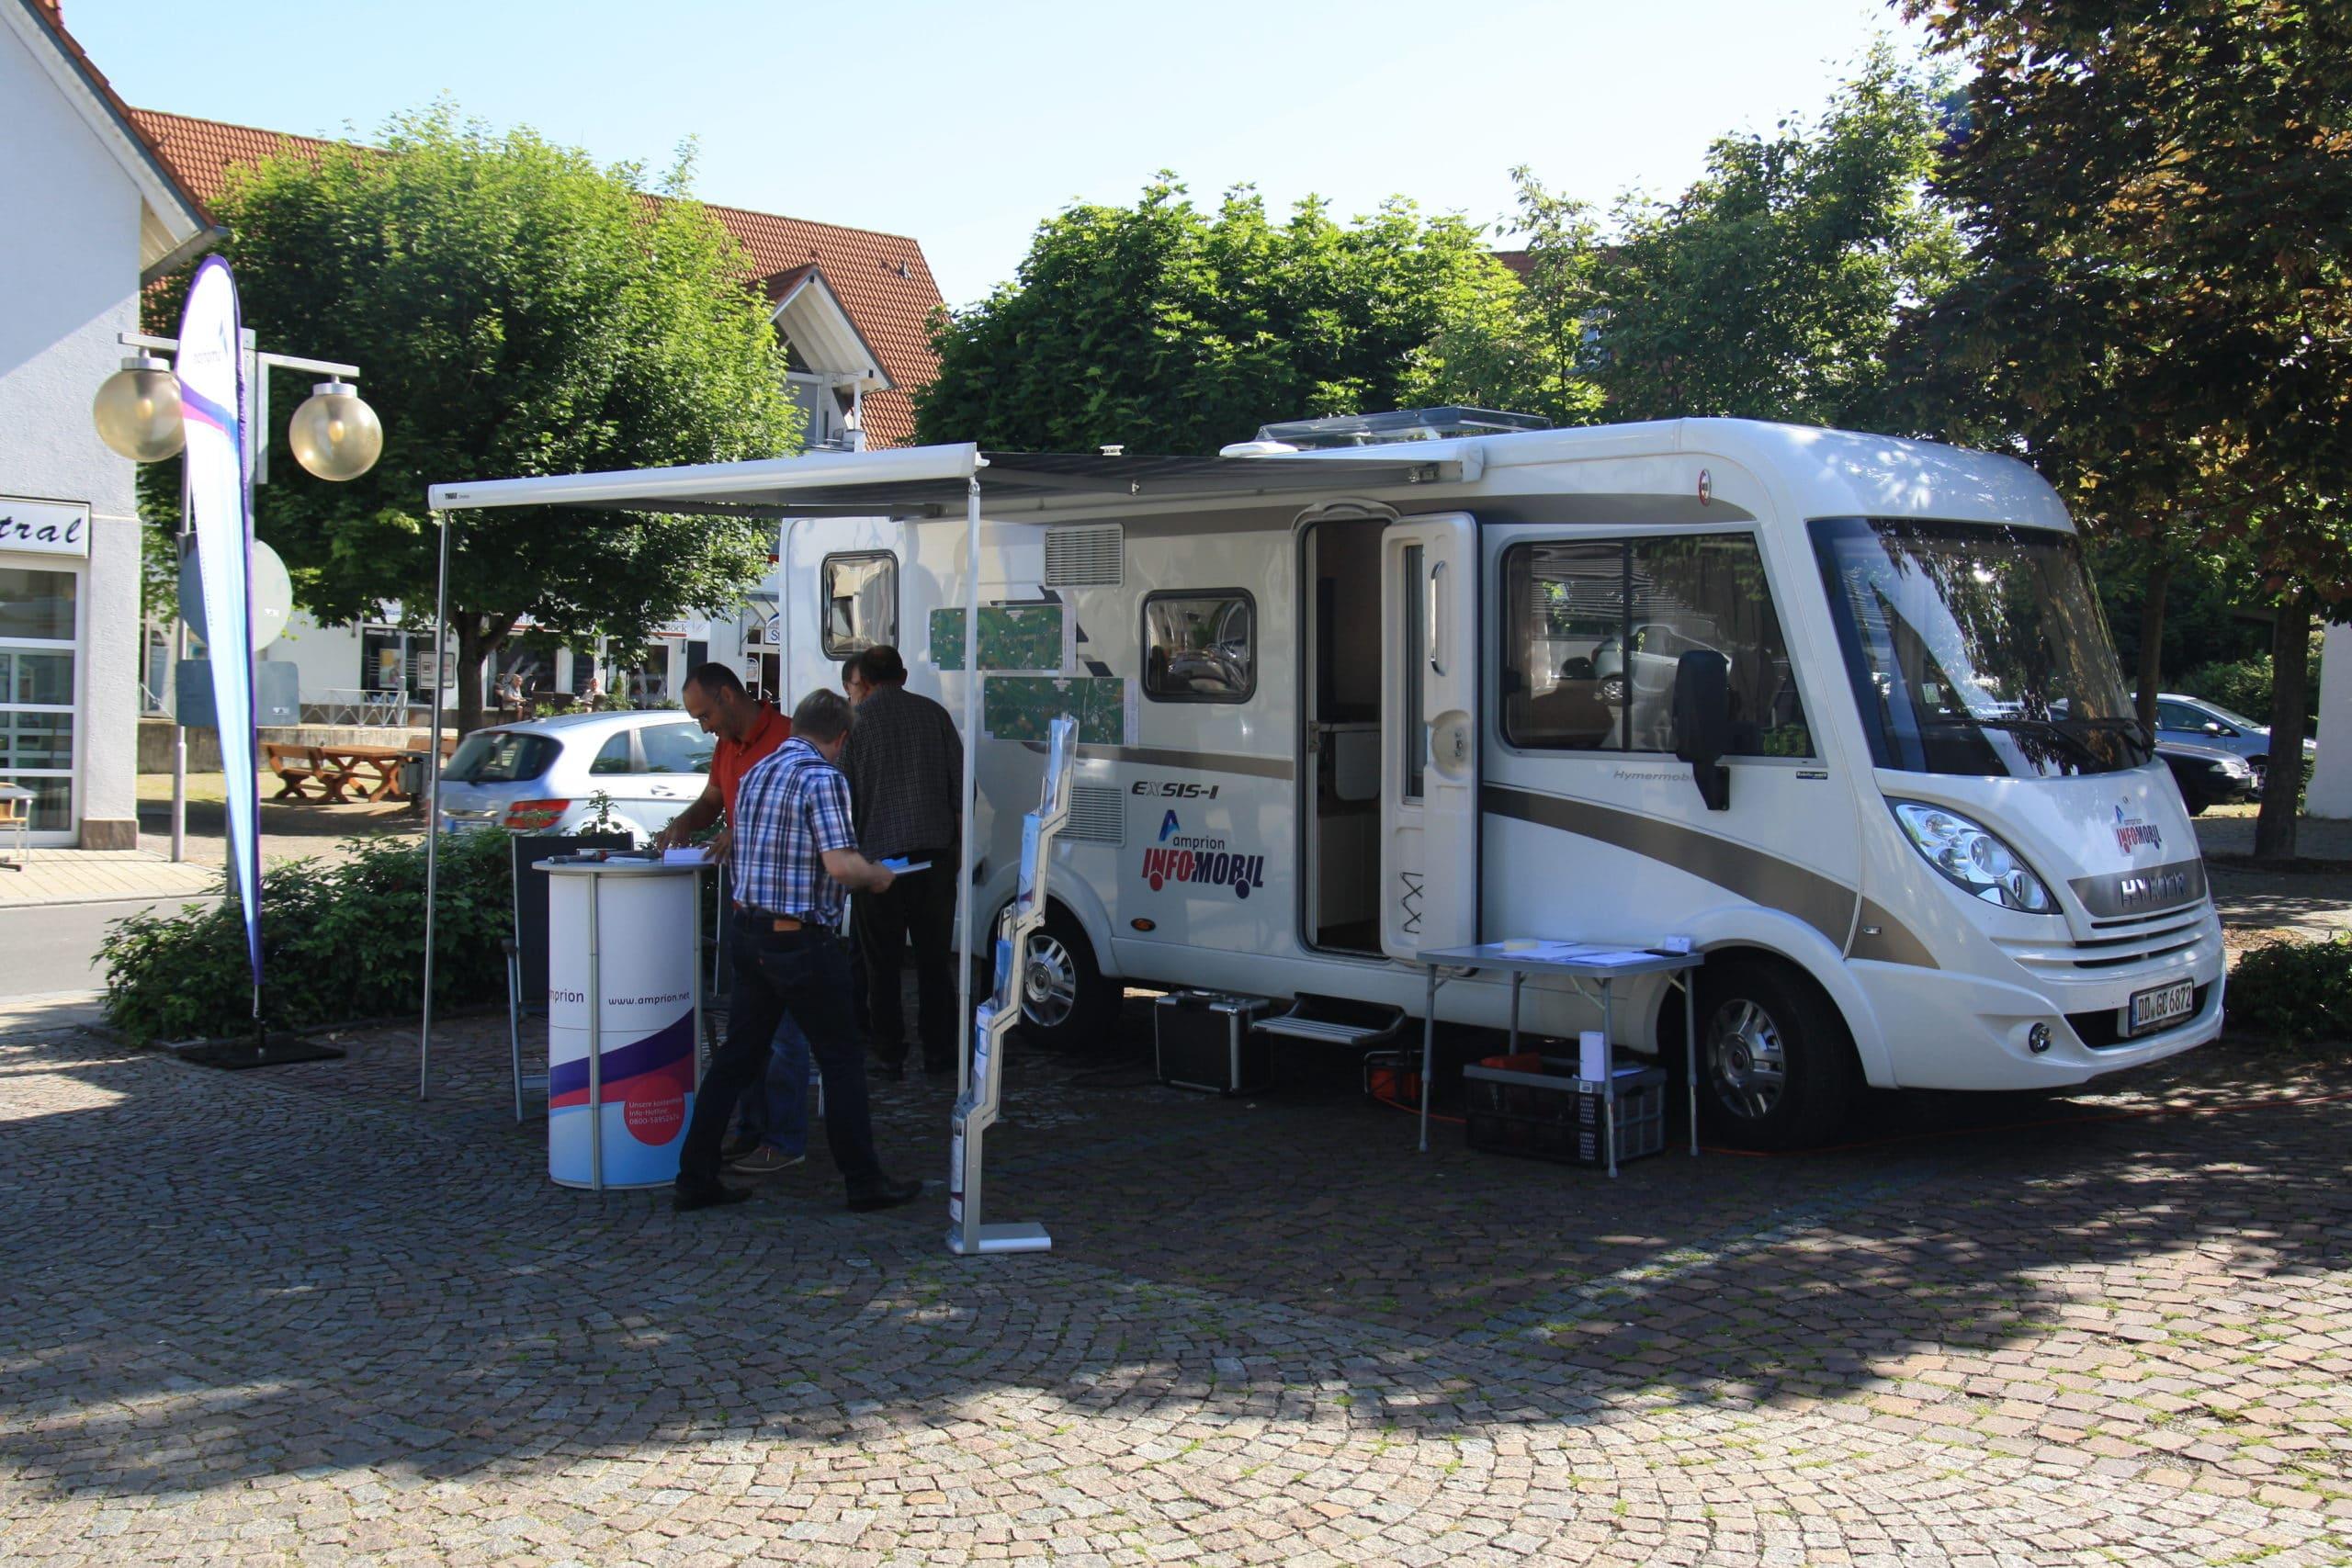 Wohnmobil mit der Aufschrift Amprion Infomobil mit Infostand